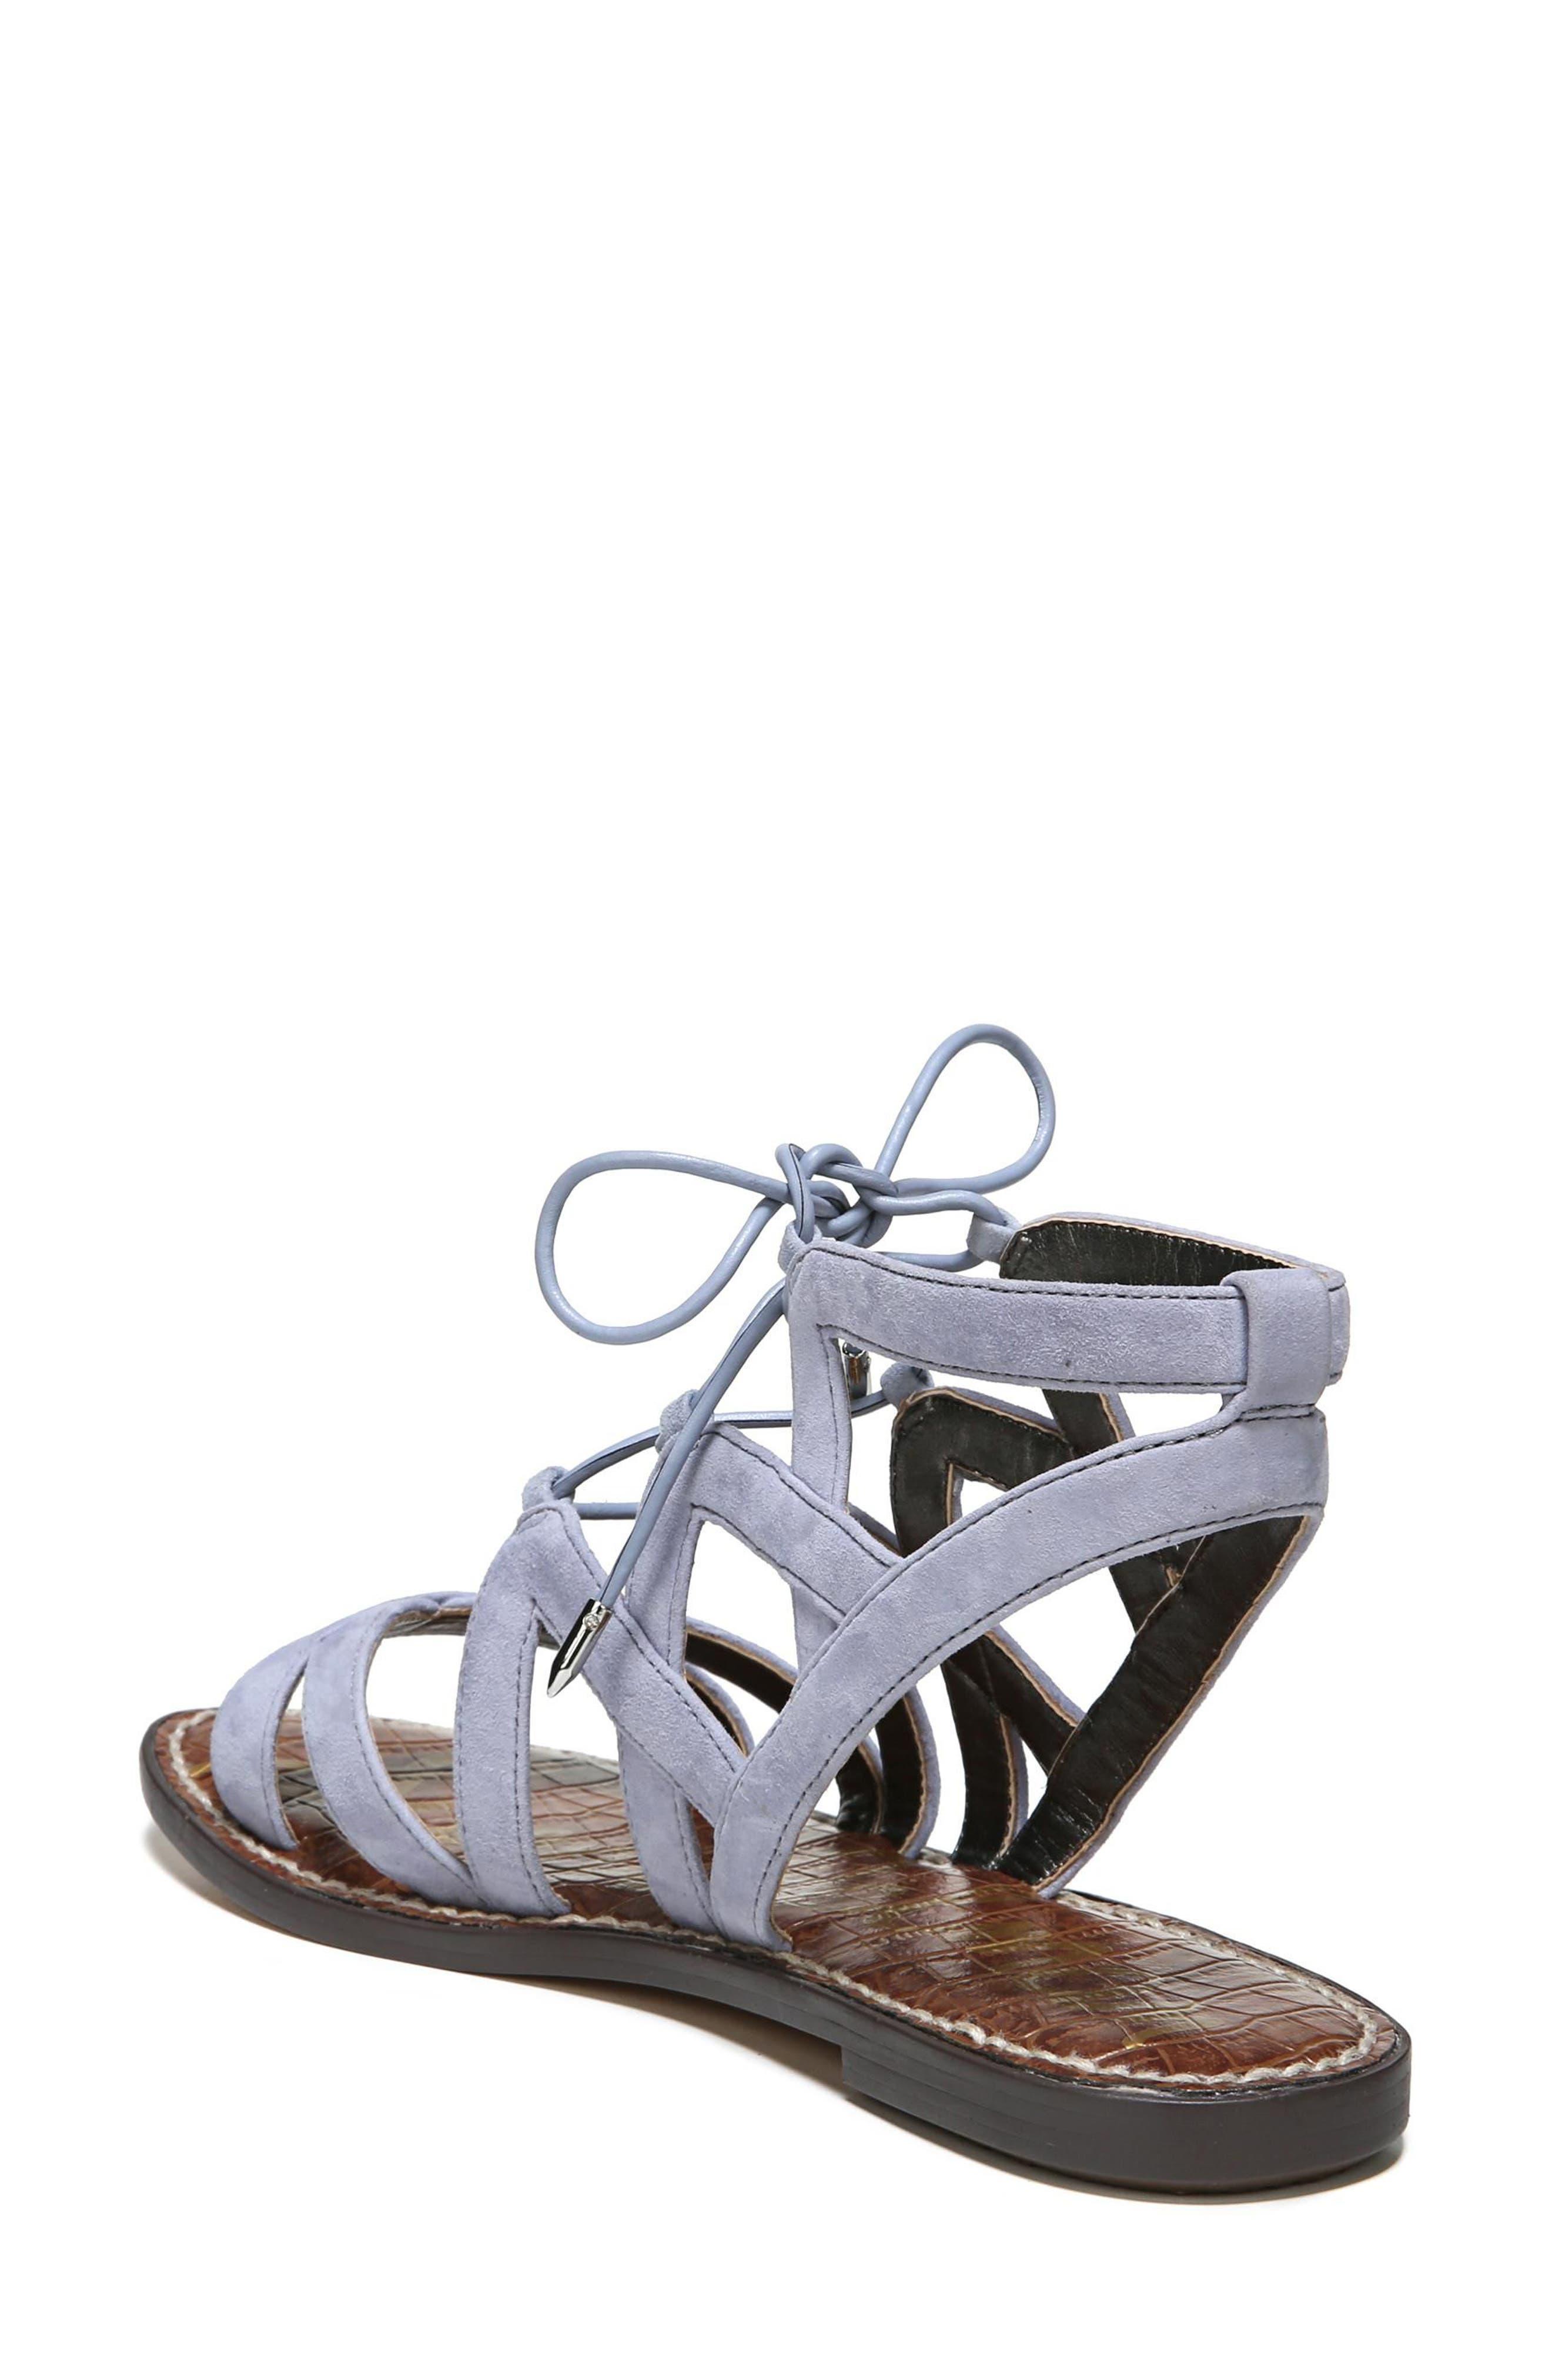 Gemma Lace-Up Sandal,                             Alternate thumbnail 2, color,                             401